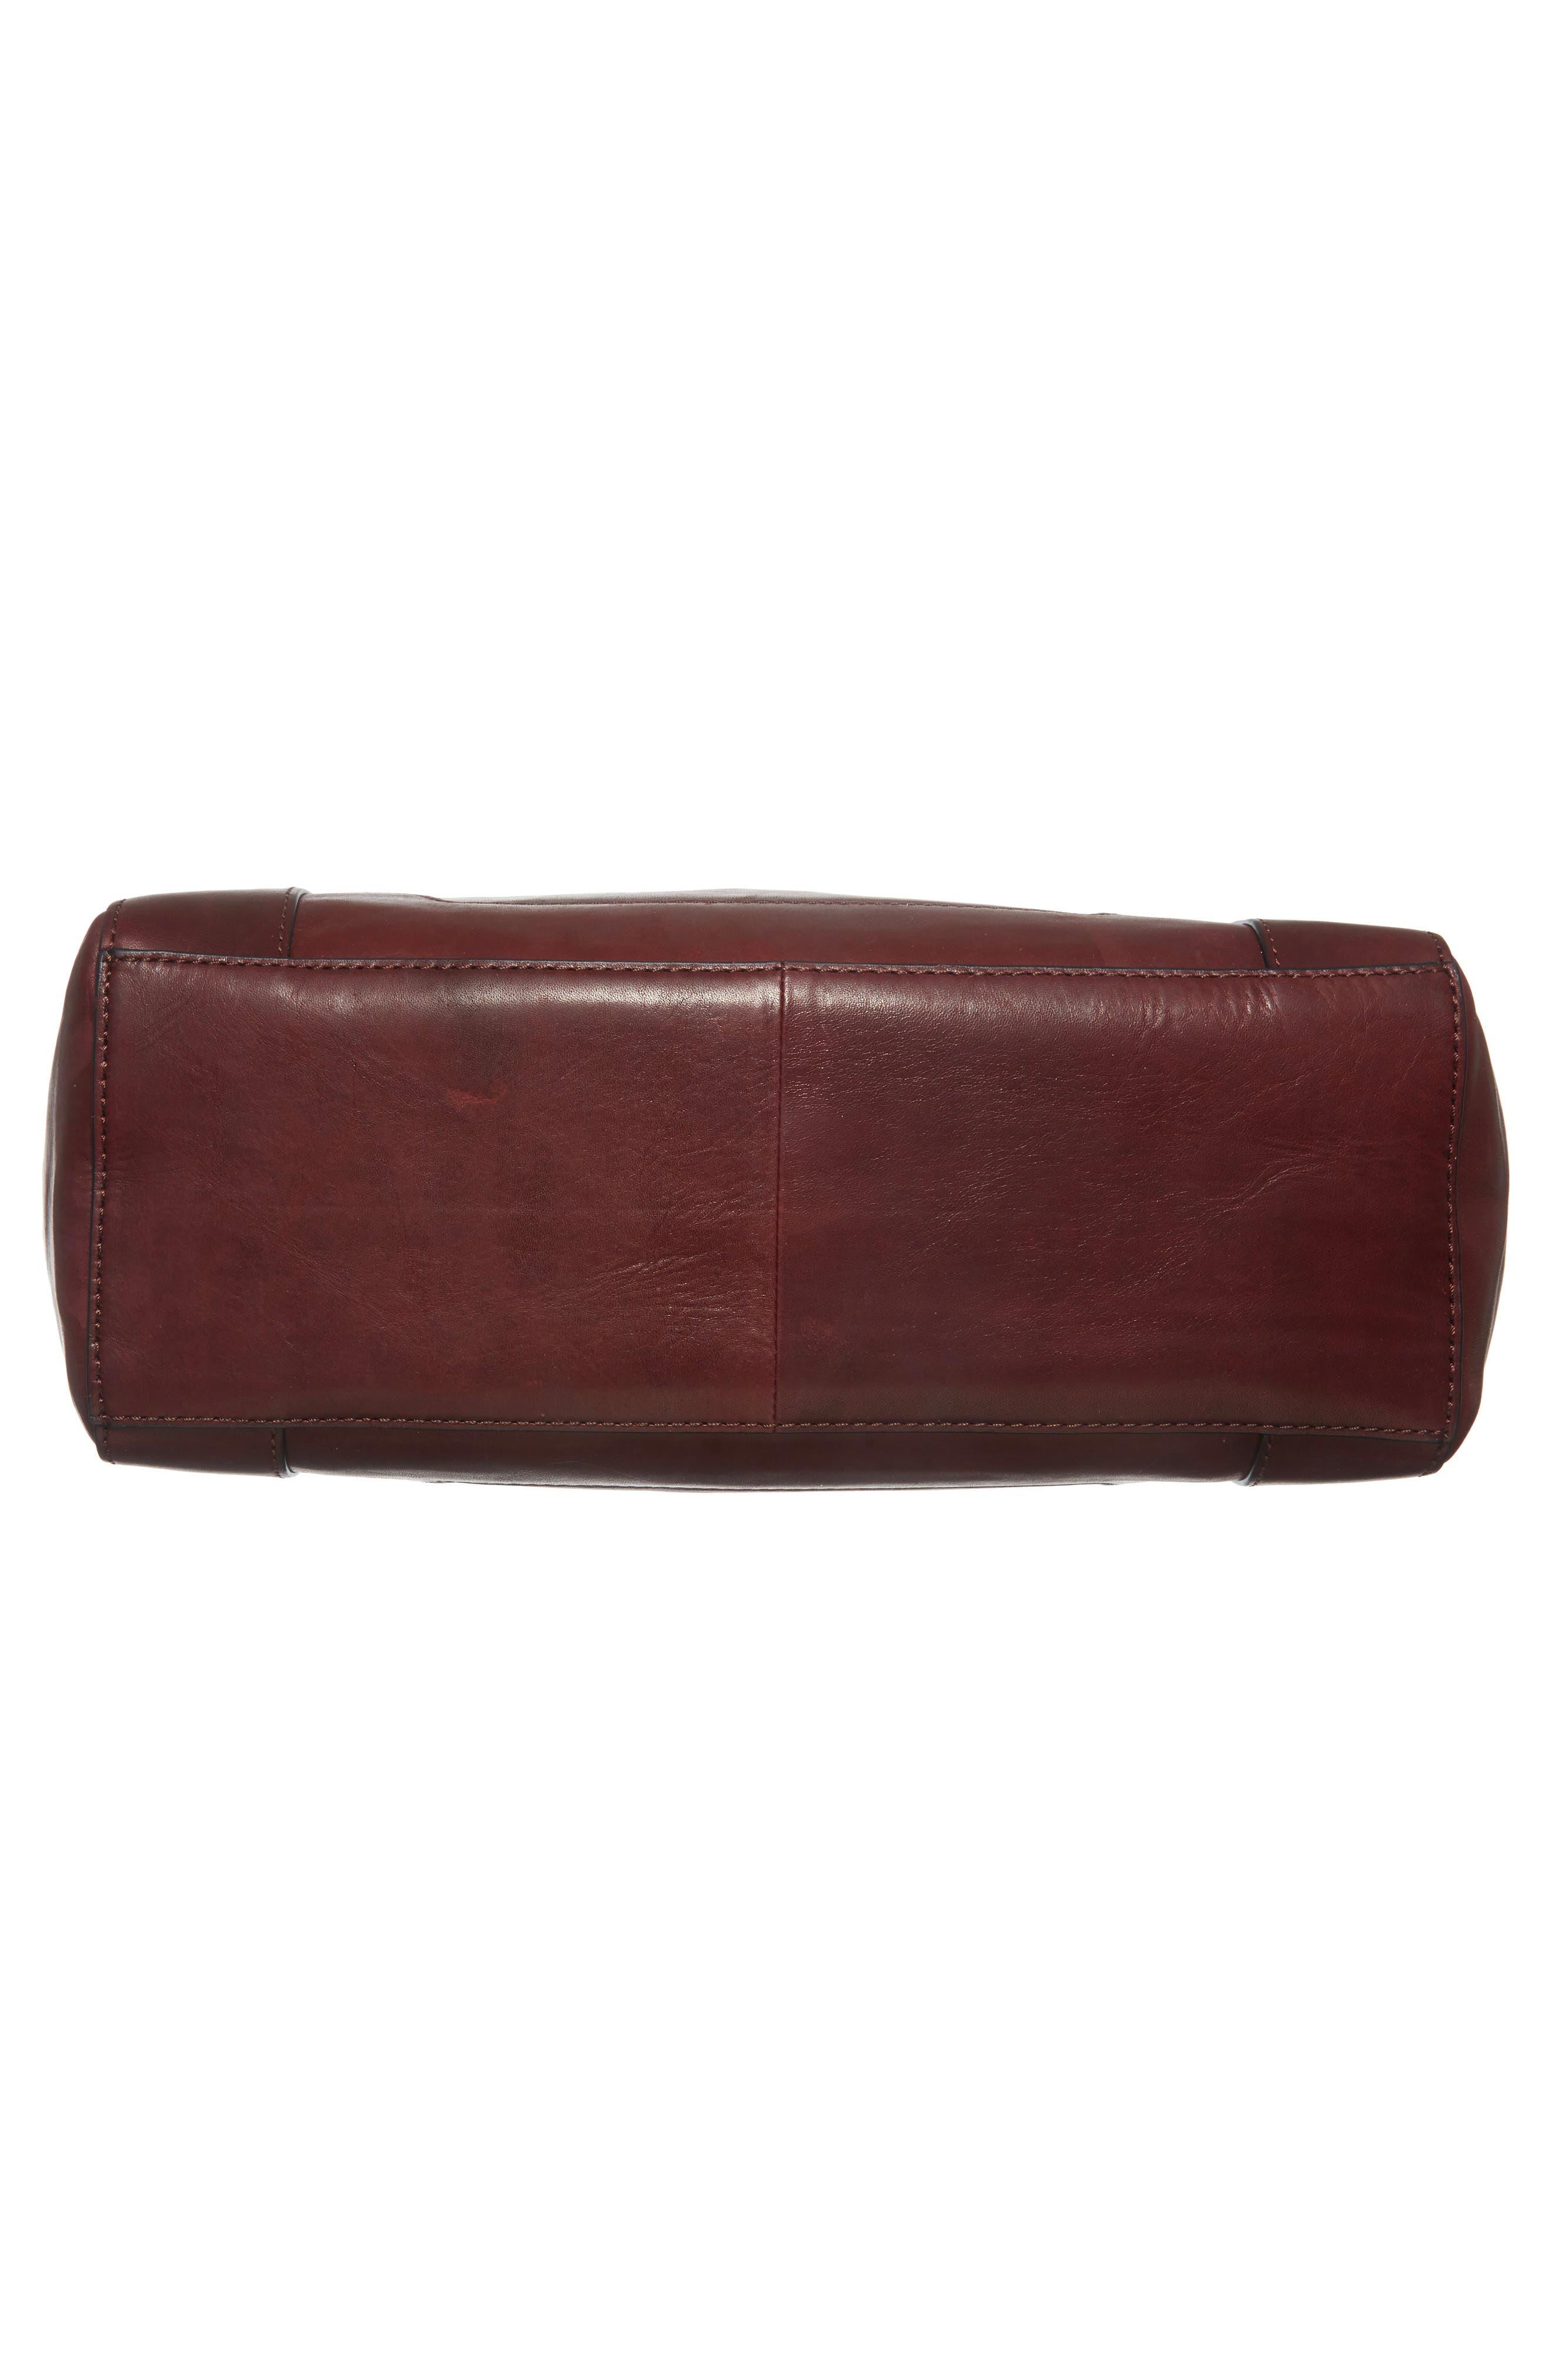 Melissa Leather Shoulder Bag,                             Alternate thumbnail 18, color,